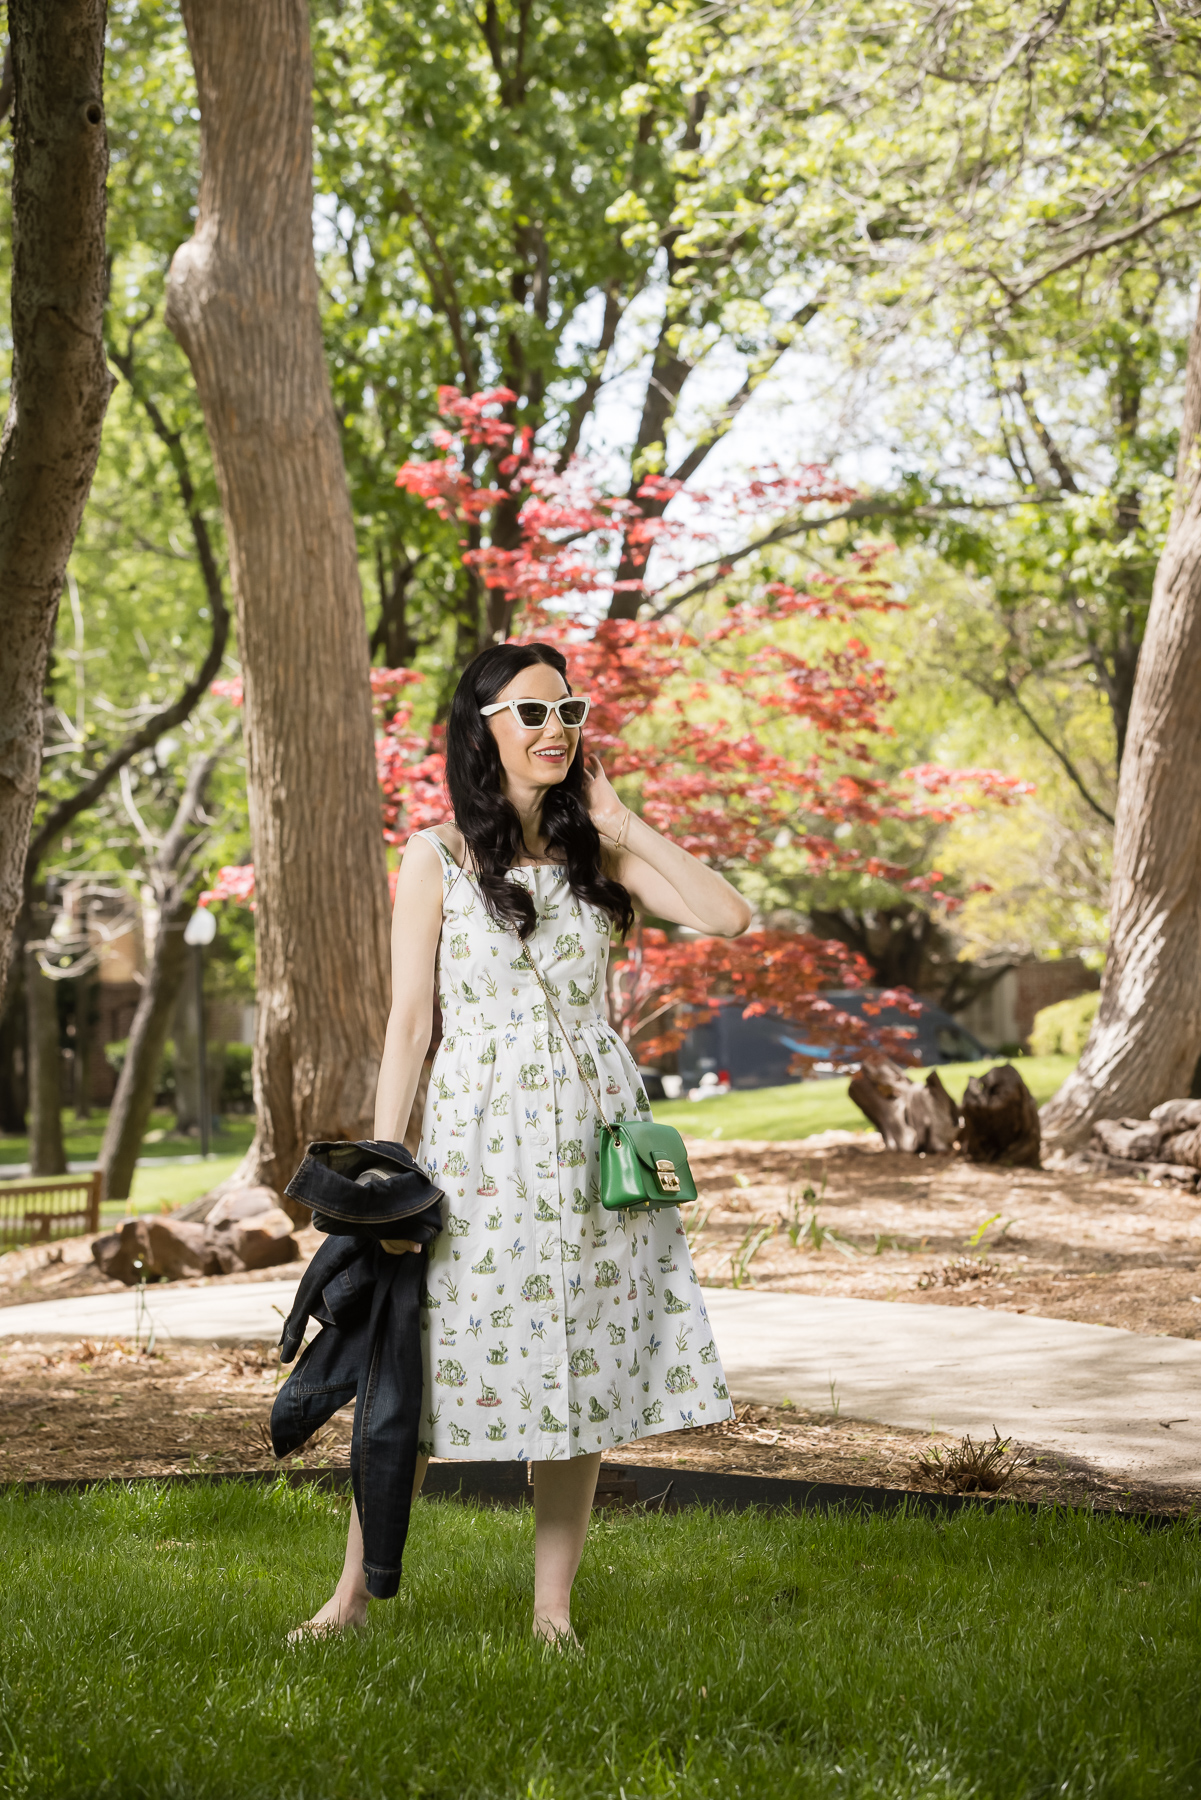 Sarah Patrick Collection Newport Topiary Gardens Dress, Green Furla Crossbody Bag